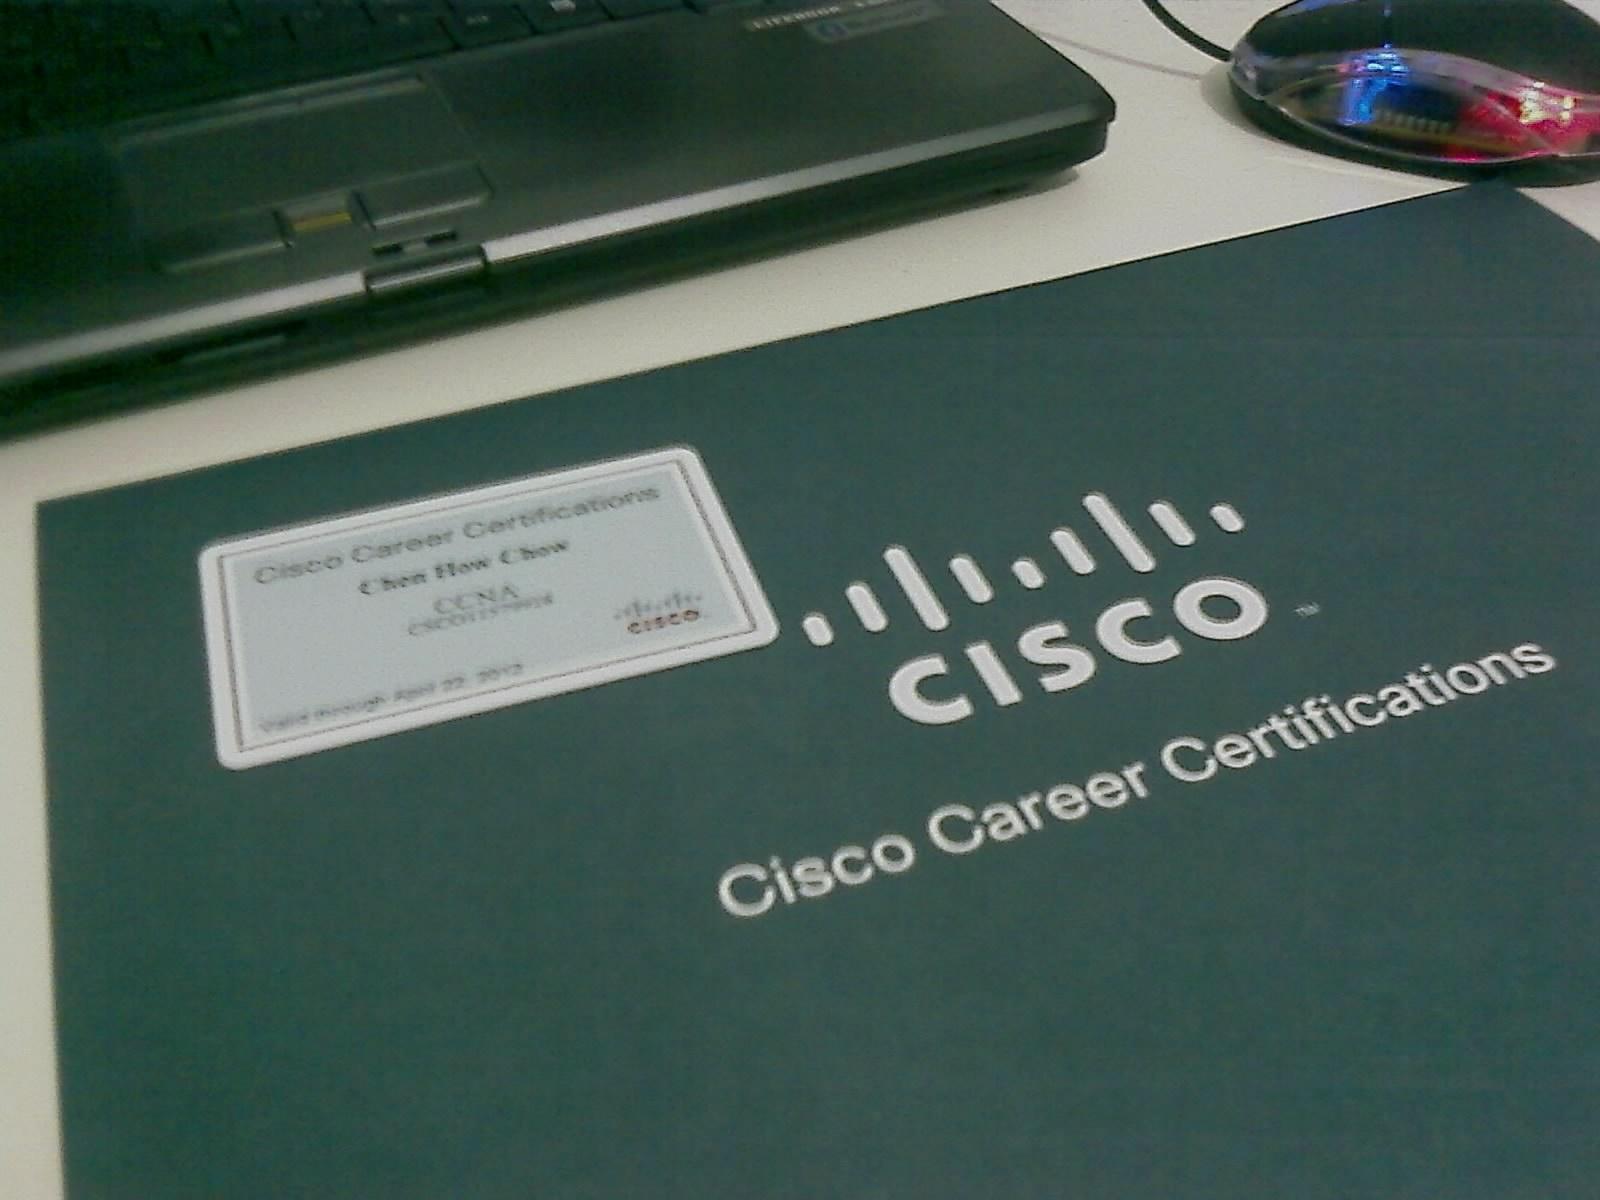 Ccna Bolivia Julio 2015 5000 And 6500 6000 Switches That Run Catos System Software Cisco Como Pasar El Examen